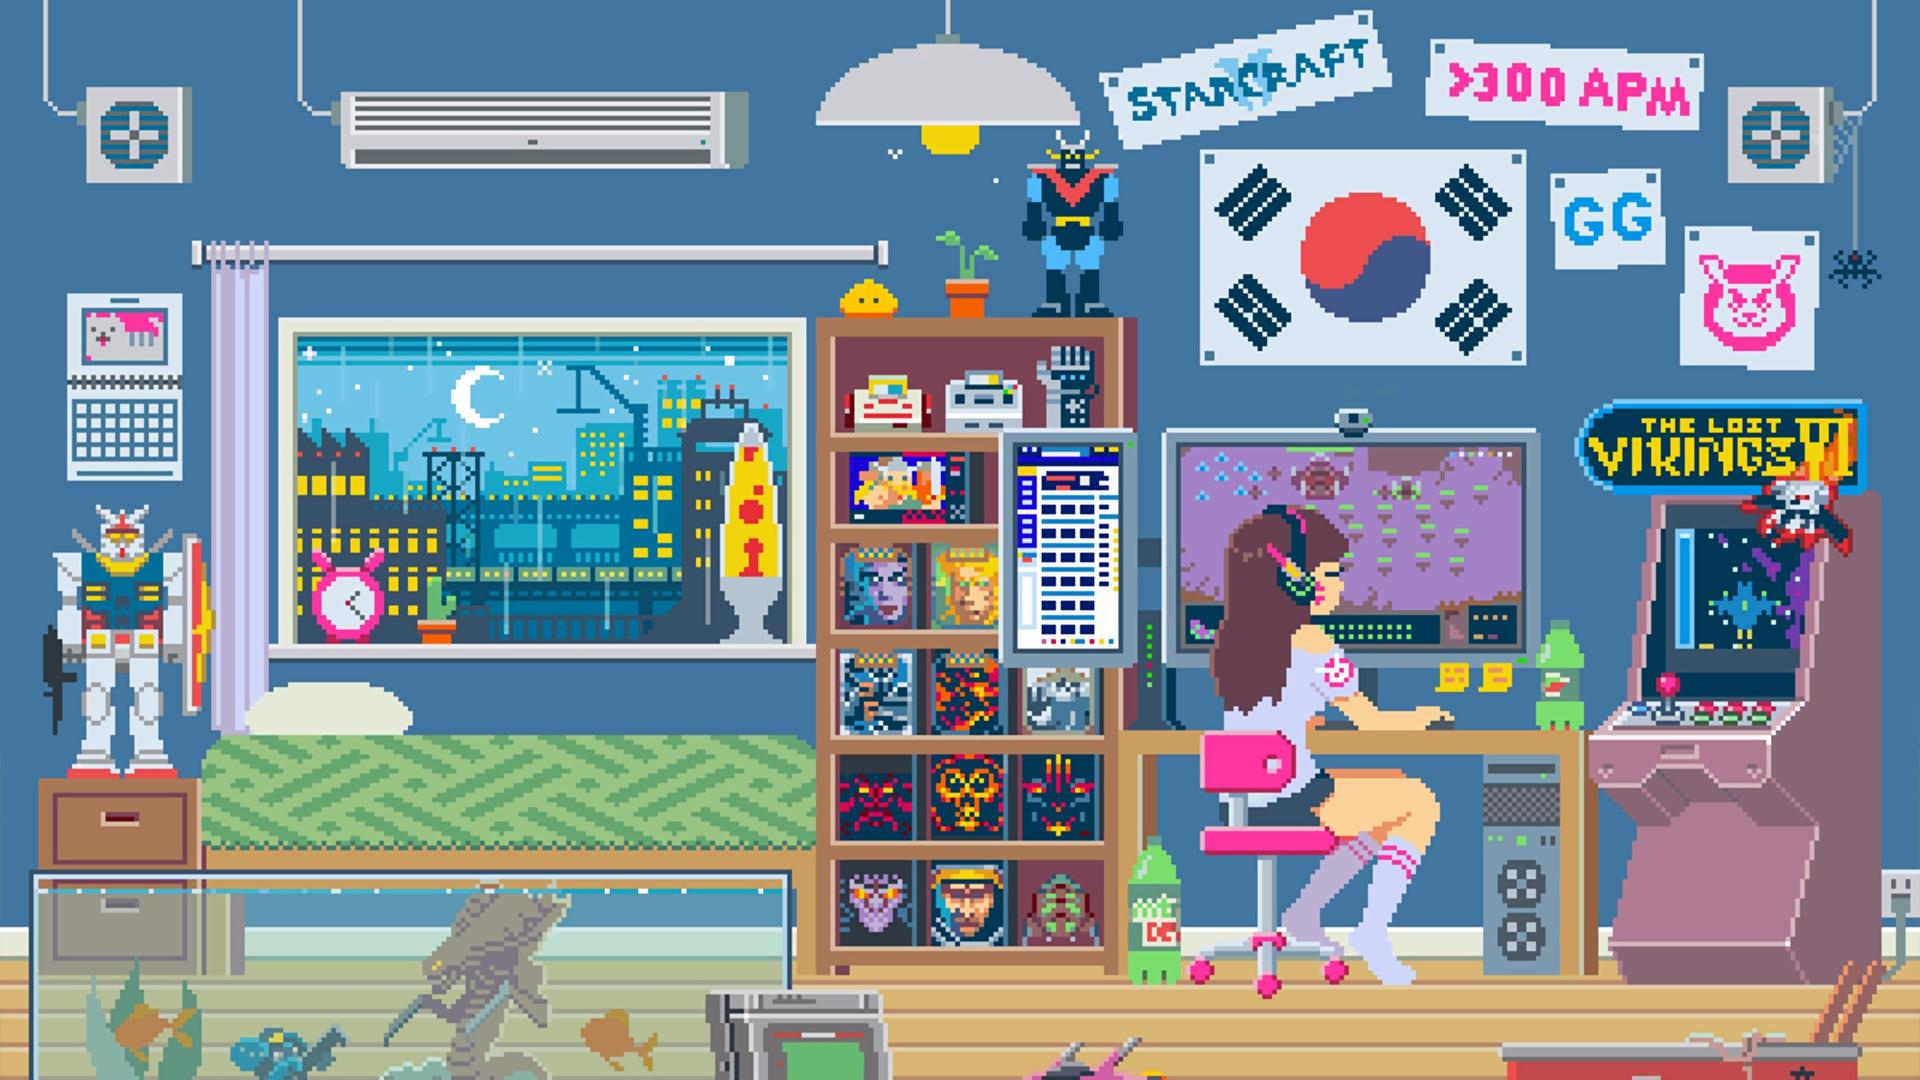 Great Wallpaper Movie Pixels - video-games-D-Va-Overwatch-pixels-Alien-movie-Diablo-Mountain-Dew-lava-lamp-SNES-Overwatch-robot-South-Korea-Mobile-Suit-Zeta-Gundam-1159719  Pictures_70548.jpg